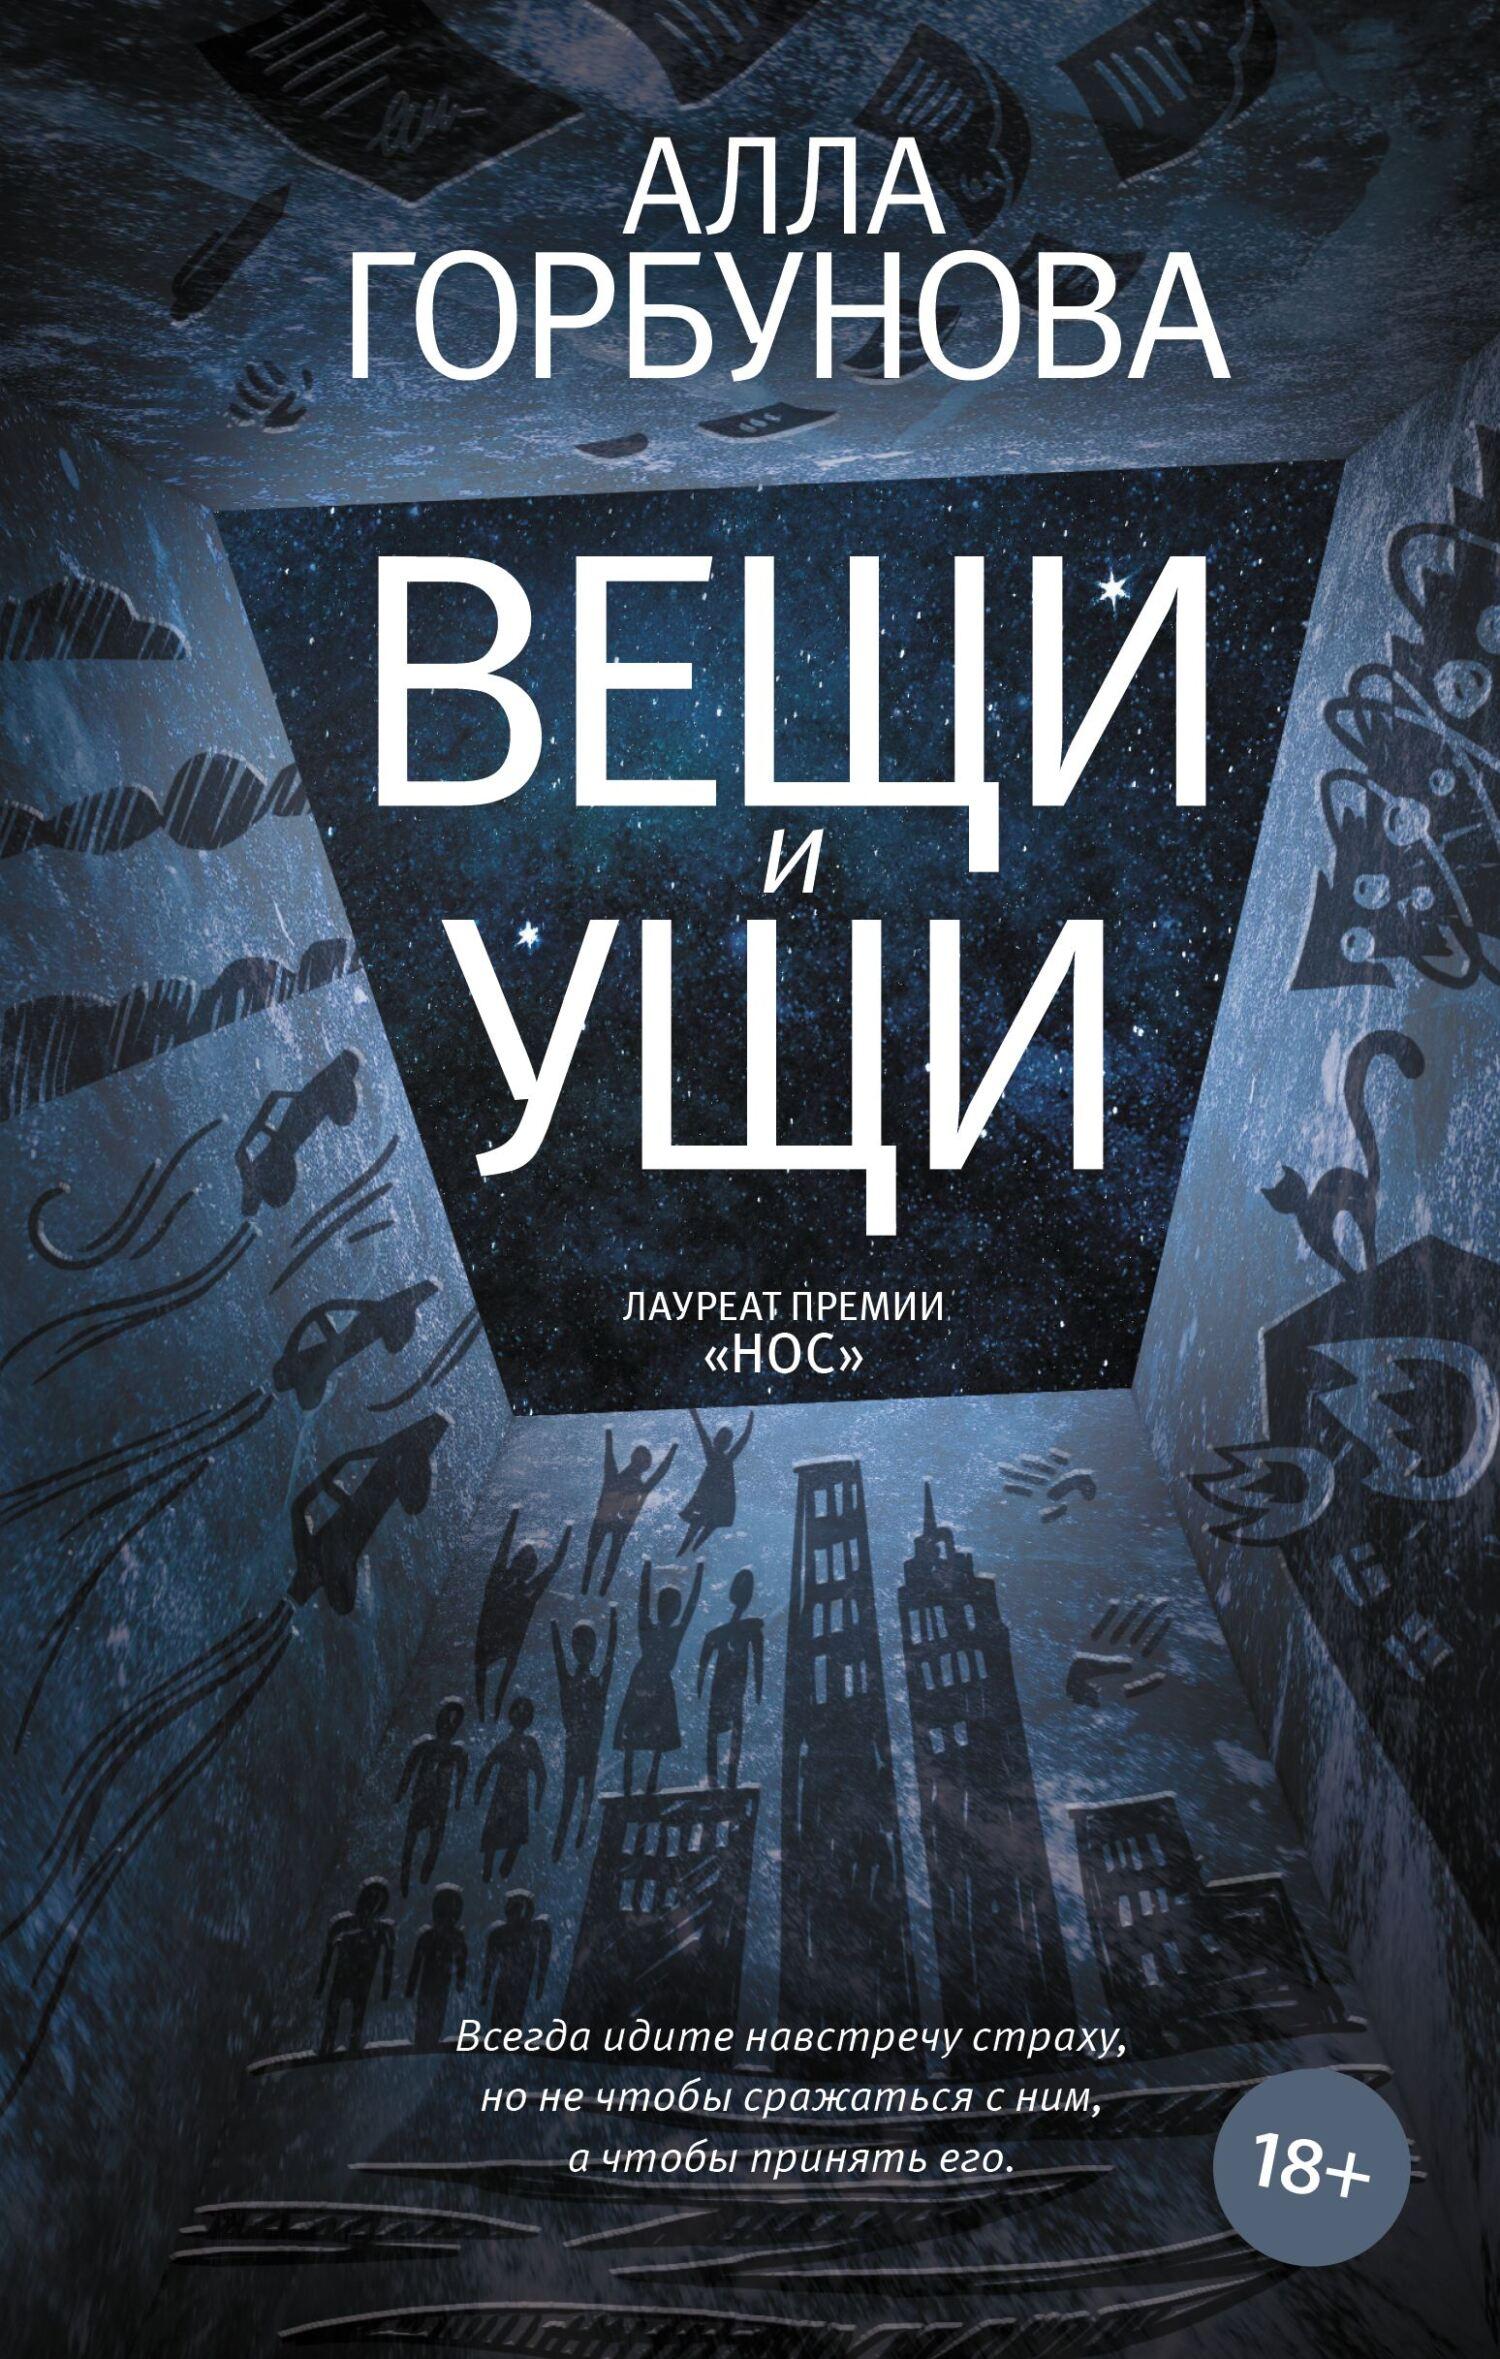 Алла Горбунова Вещи и ущи